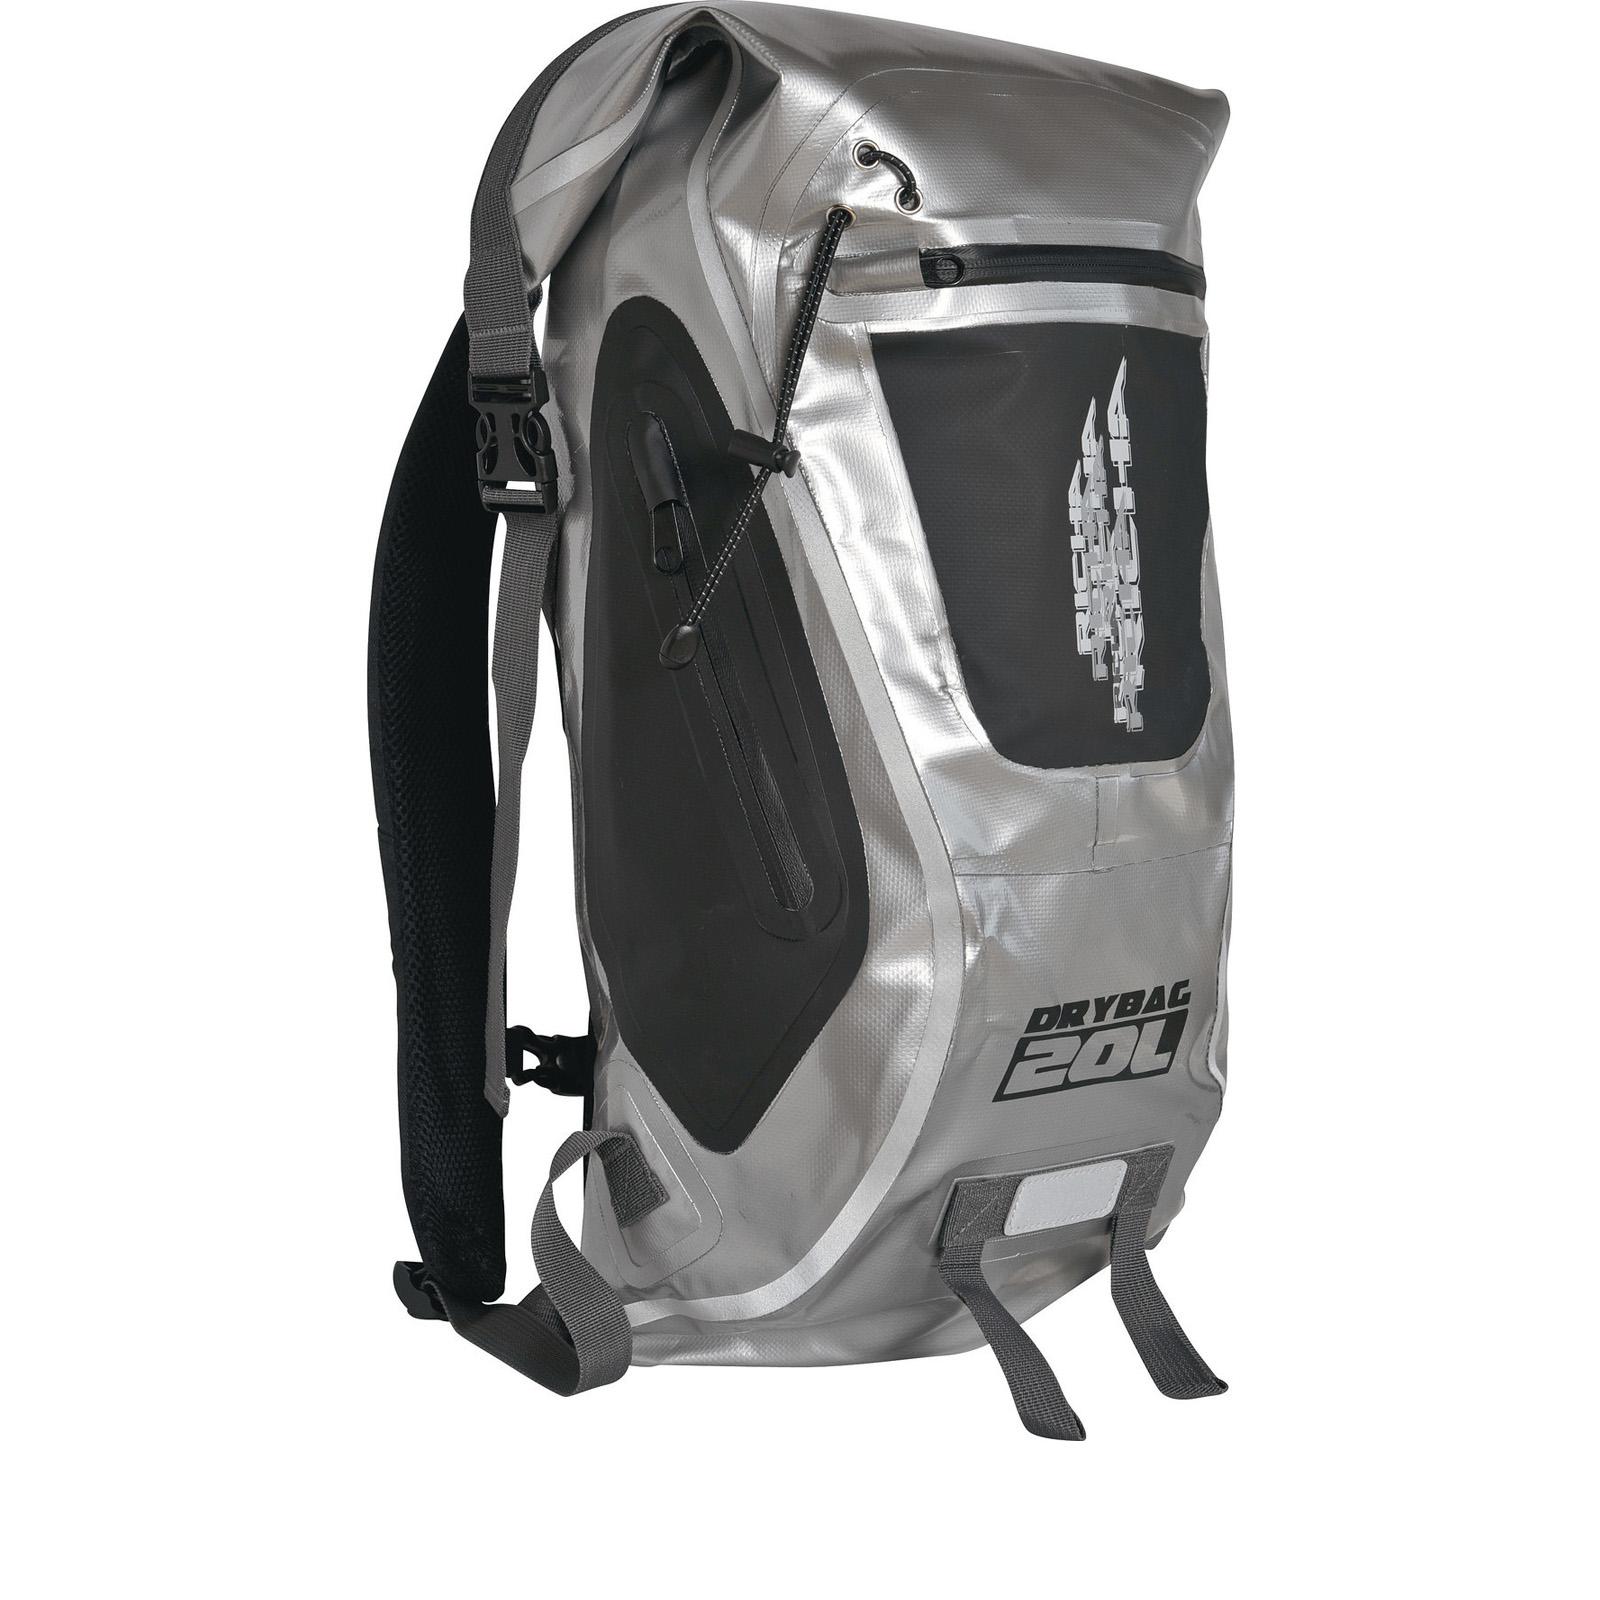 Waterproof Motorcycle Backpacks - Crazy Backpacks